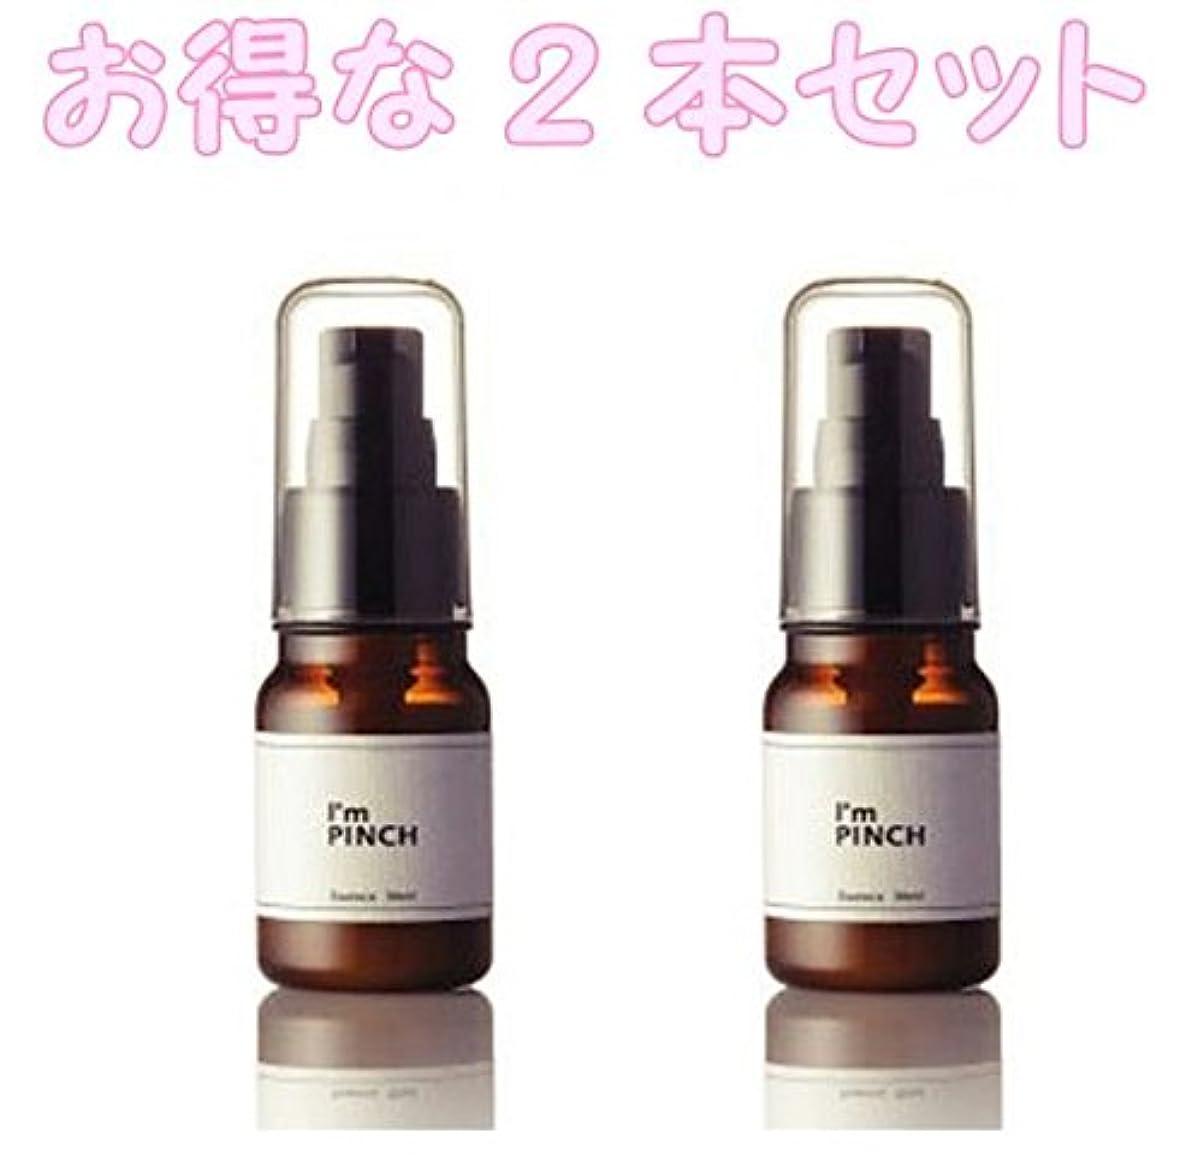 【2本セット】 乾燥からお肌を救う美容液 I'm PINCH(アイムピンチ)10ml